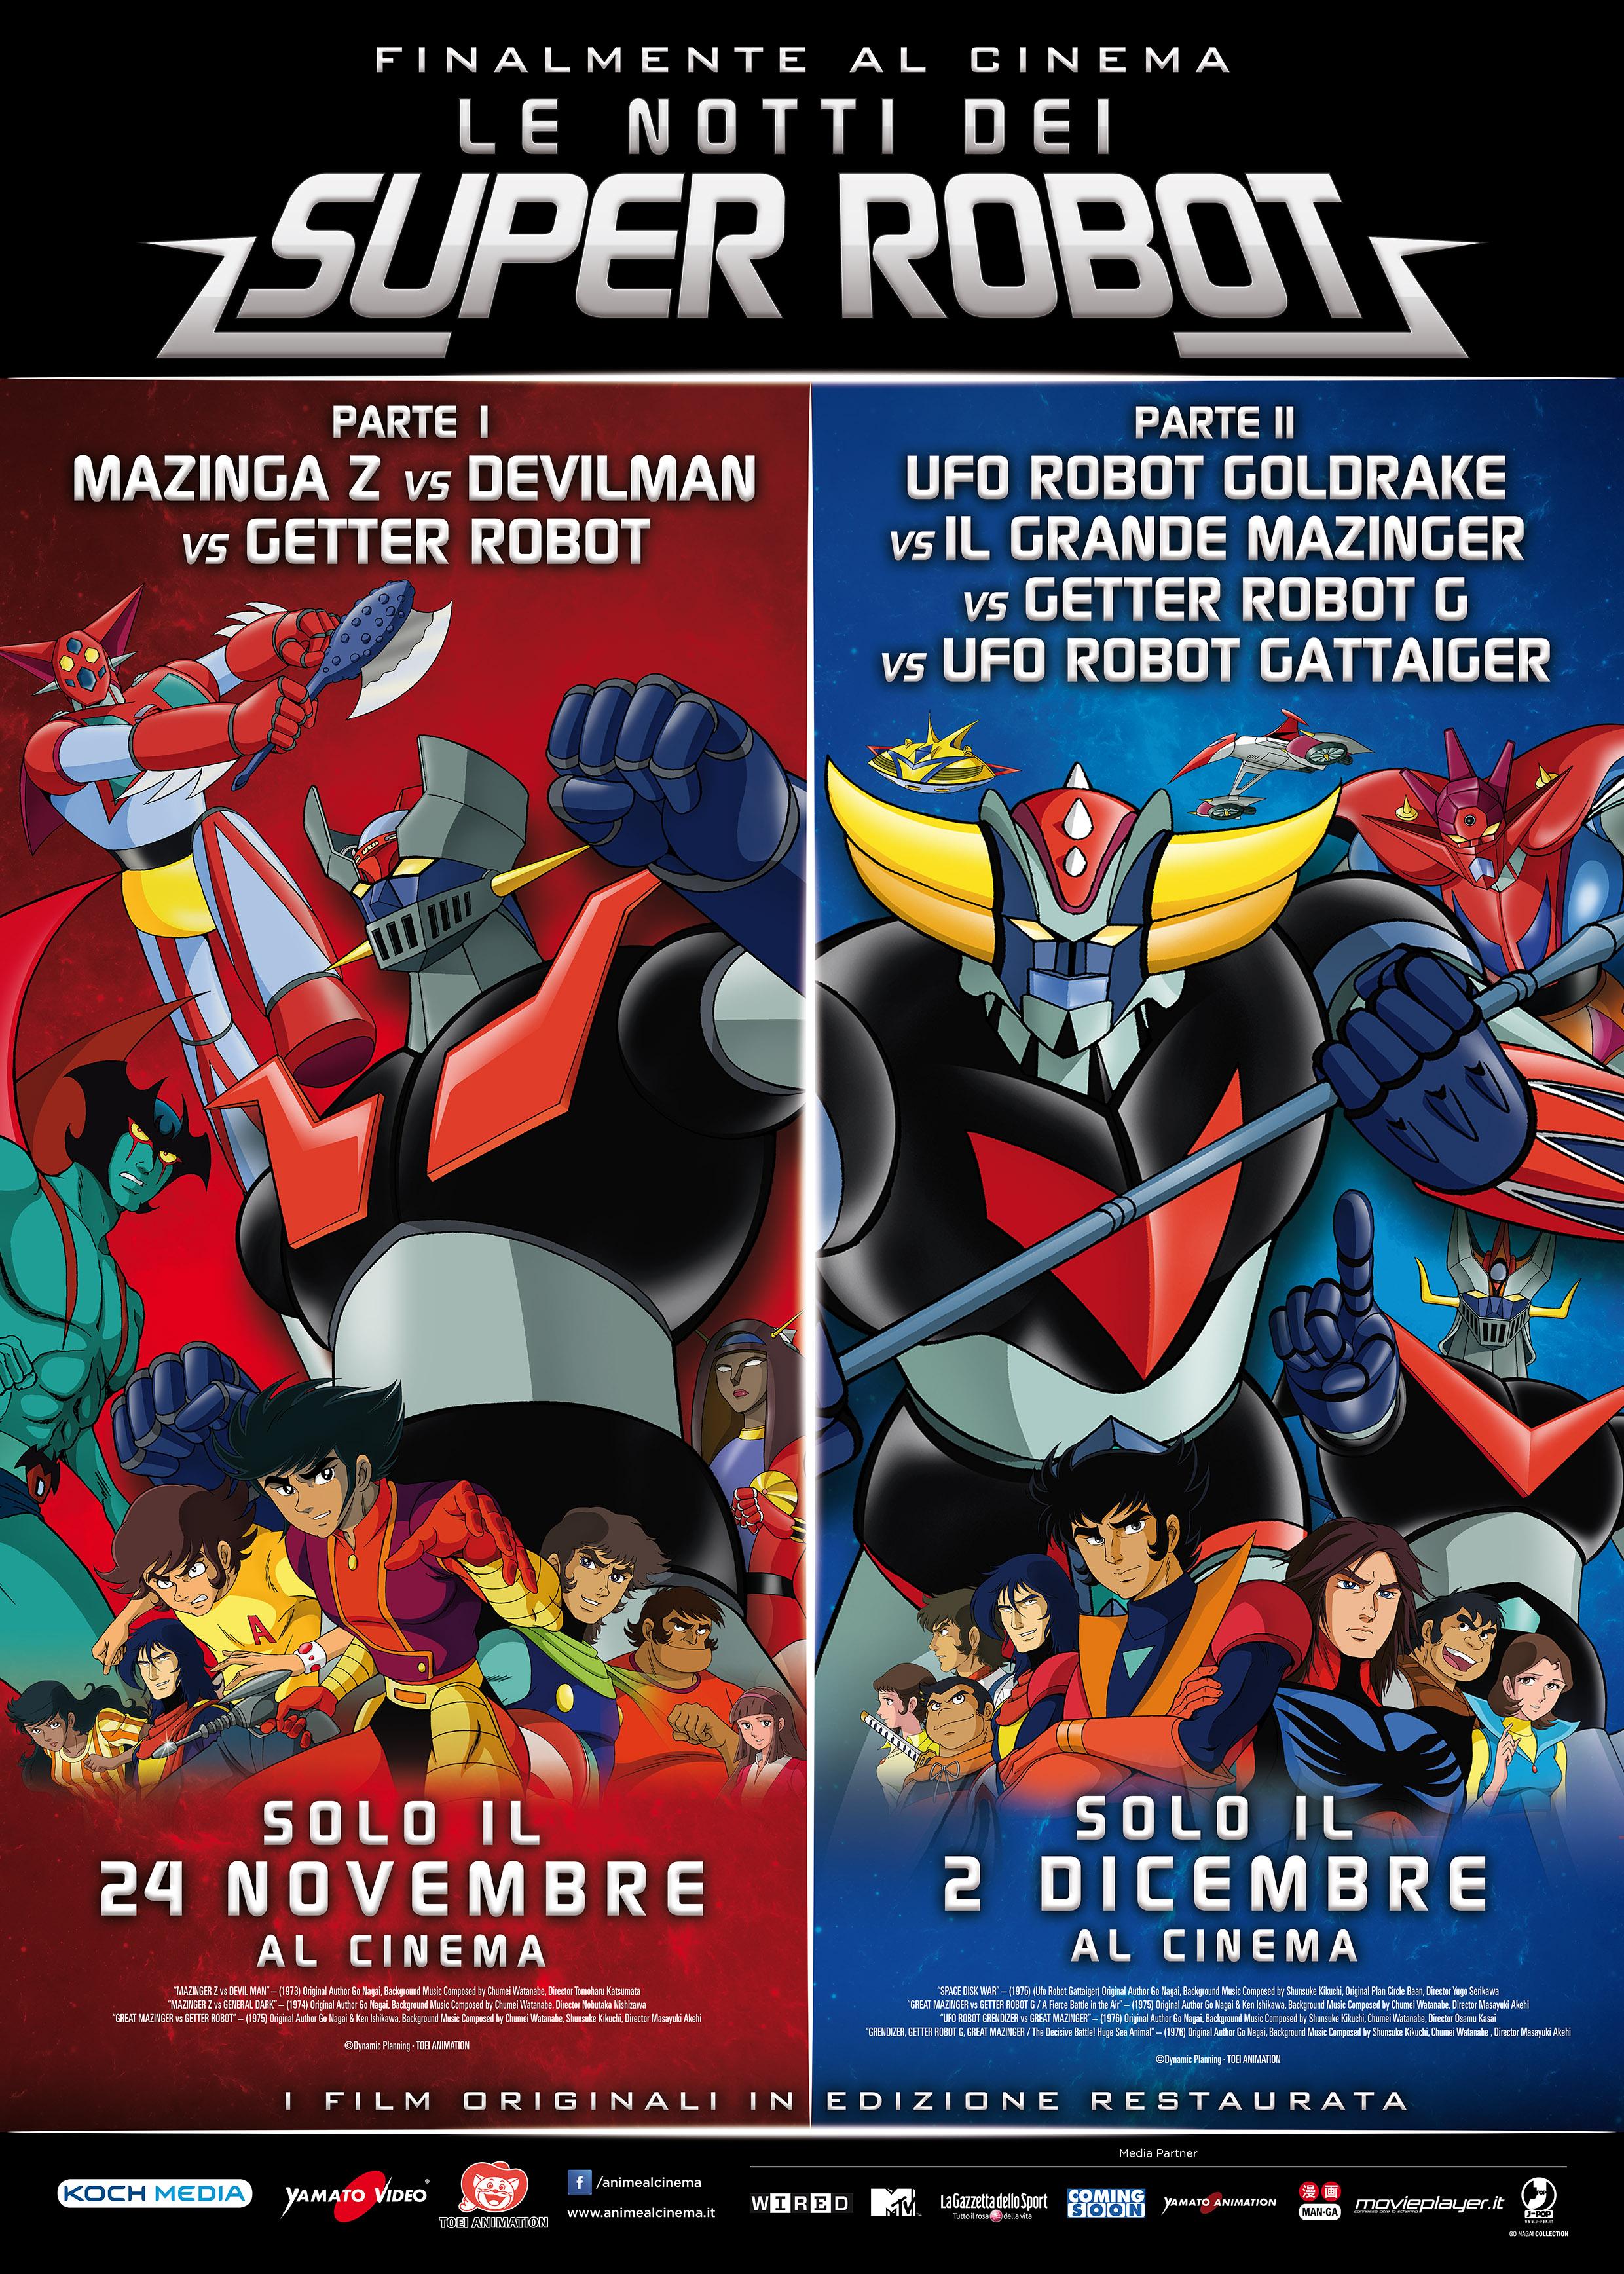 Le notti dei Super Robot: La prima parte arriva il 24 novembre!